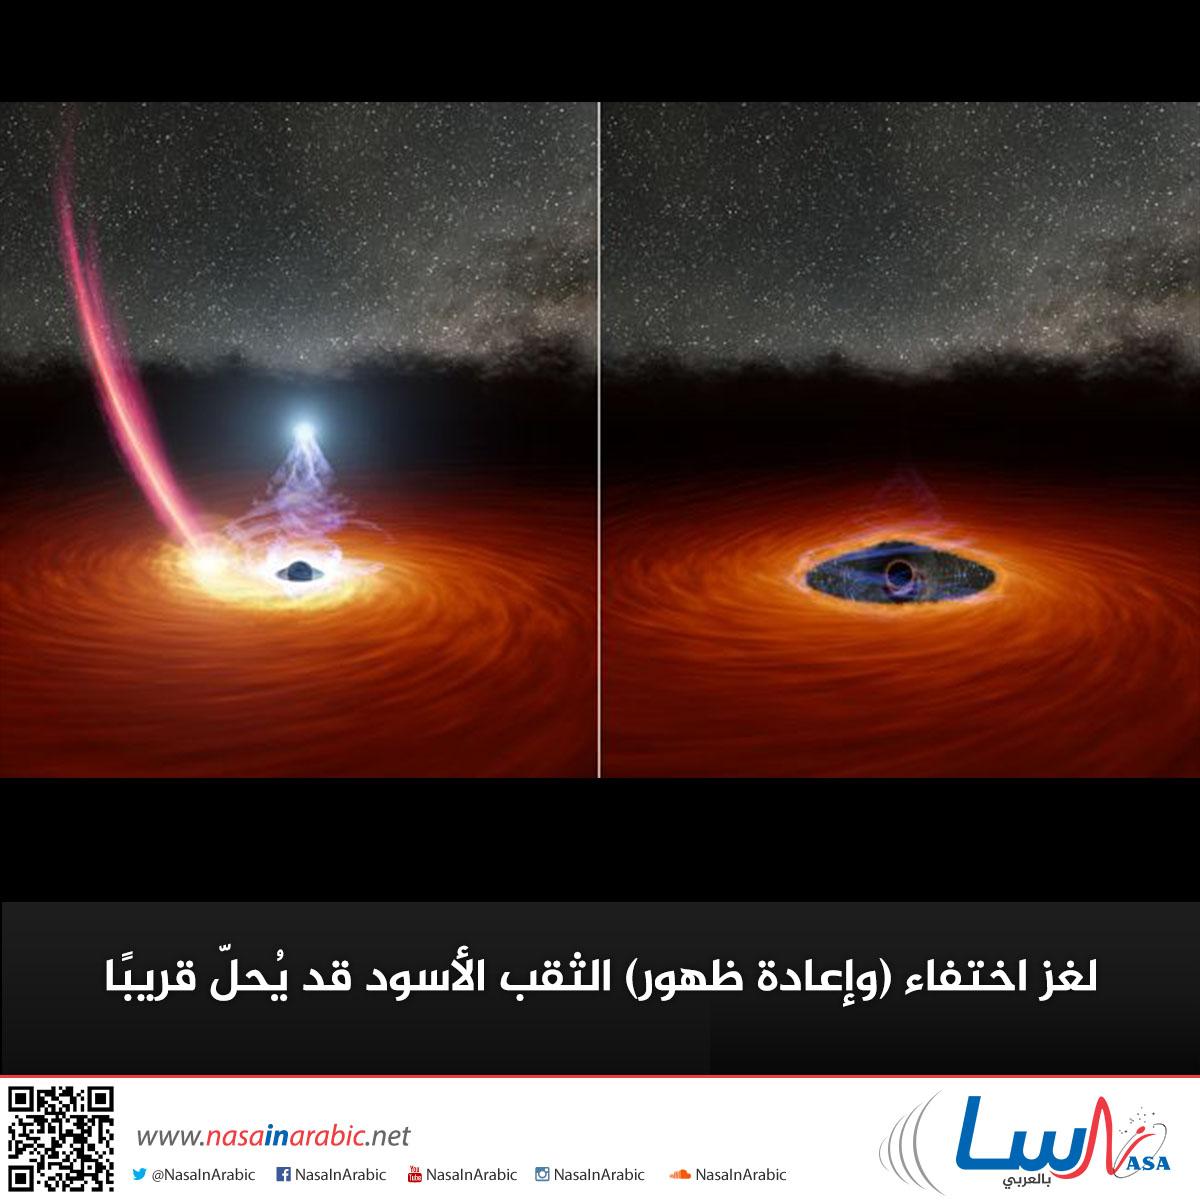 لغز اختفاء (وإعادة ظهور) ثقب أسود قد يُحلّ قريبًا